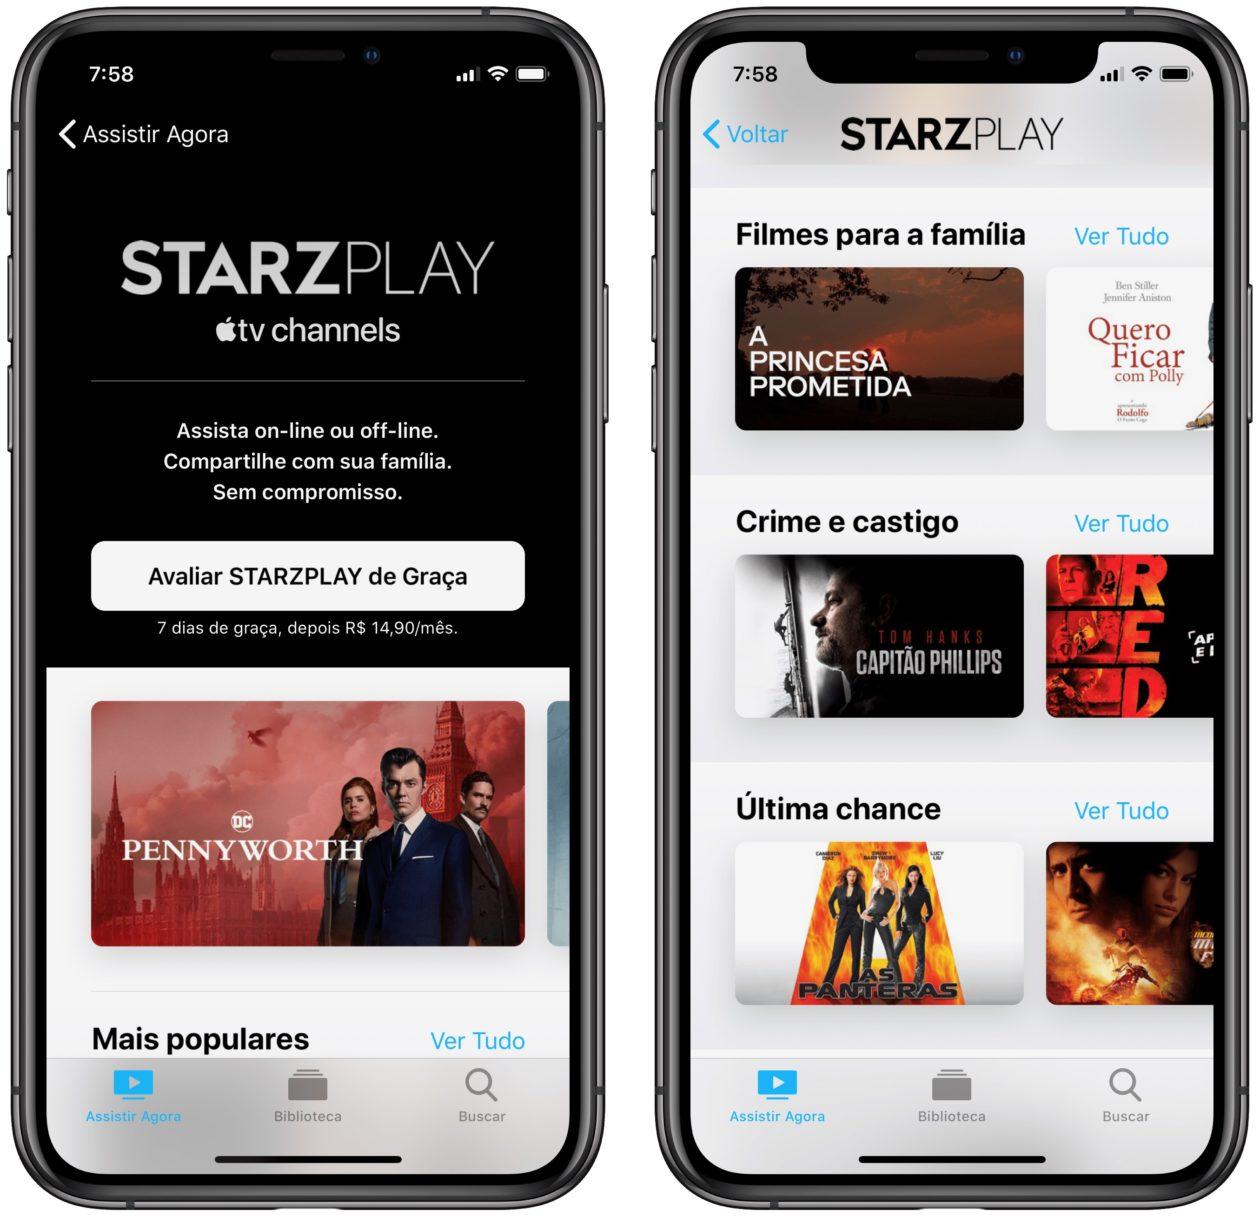 STARZPLAY nos Canais da Apple TV